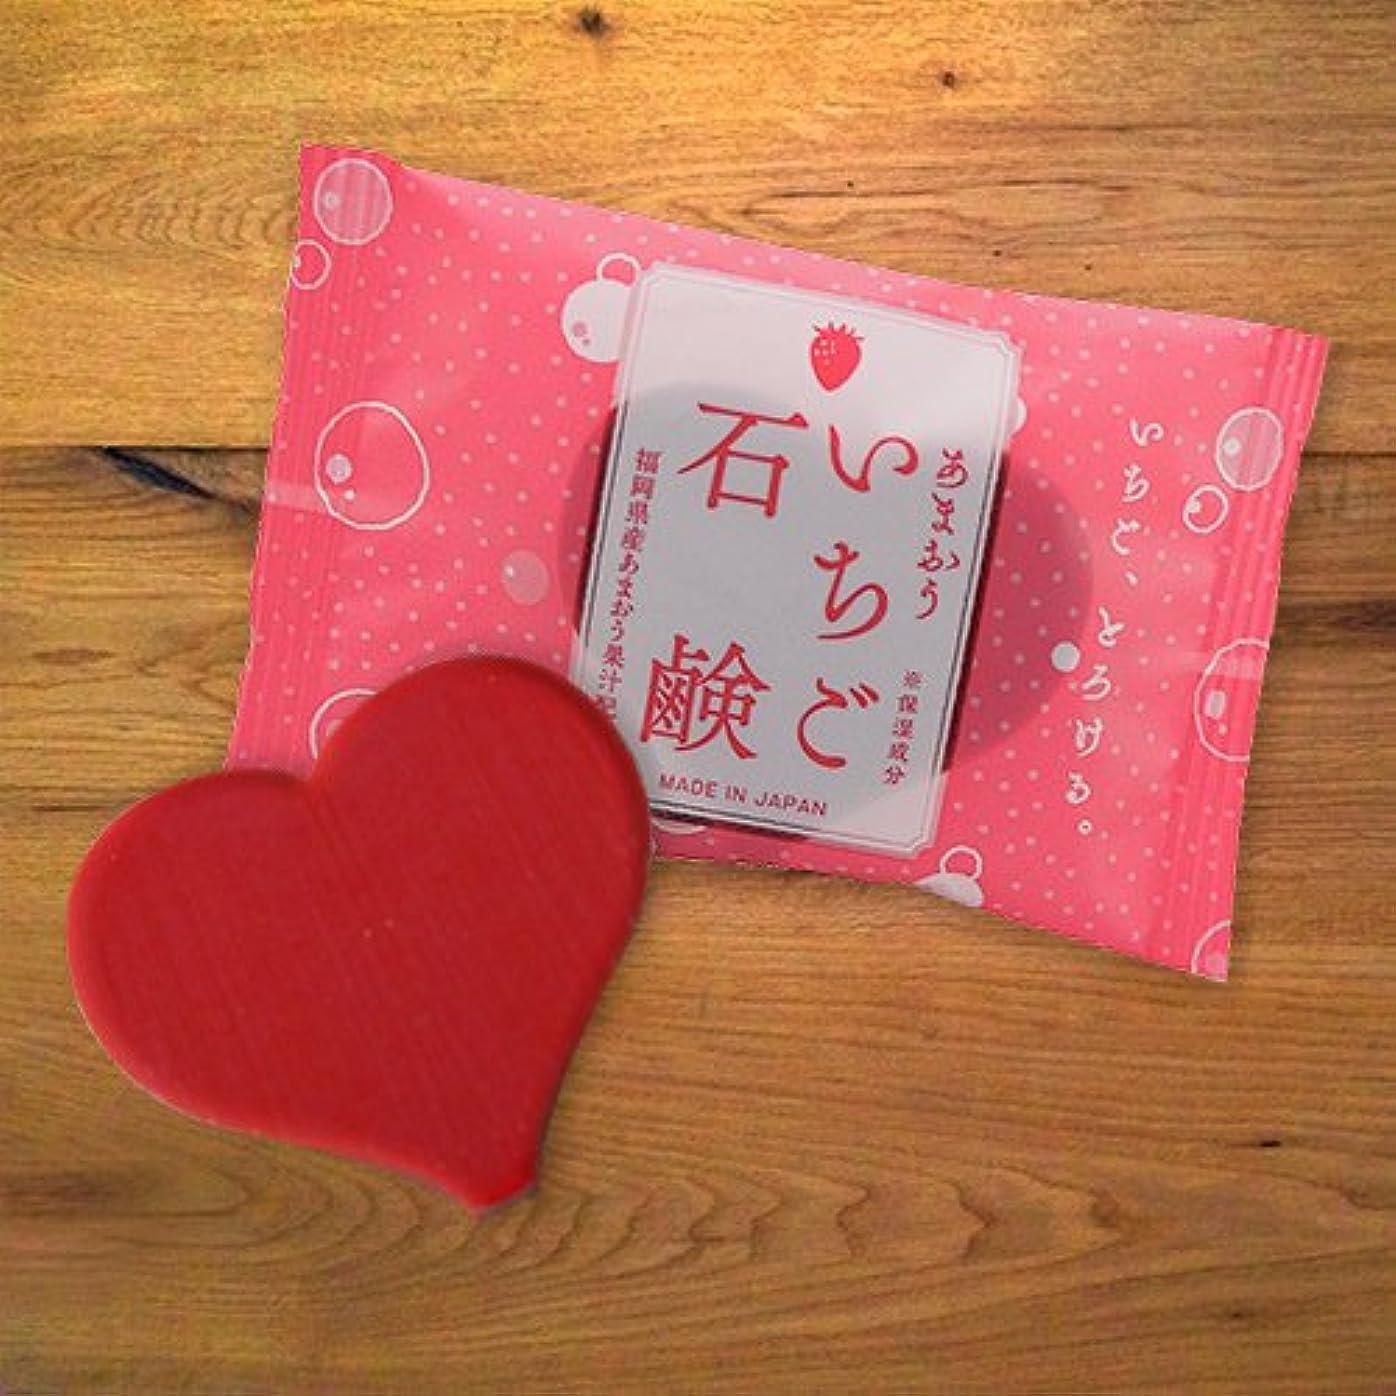 あまおういちご石鹸 7g(ミニサイズ)